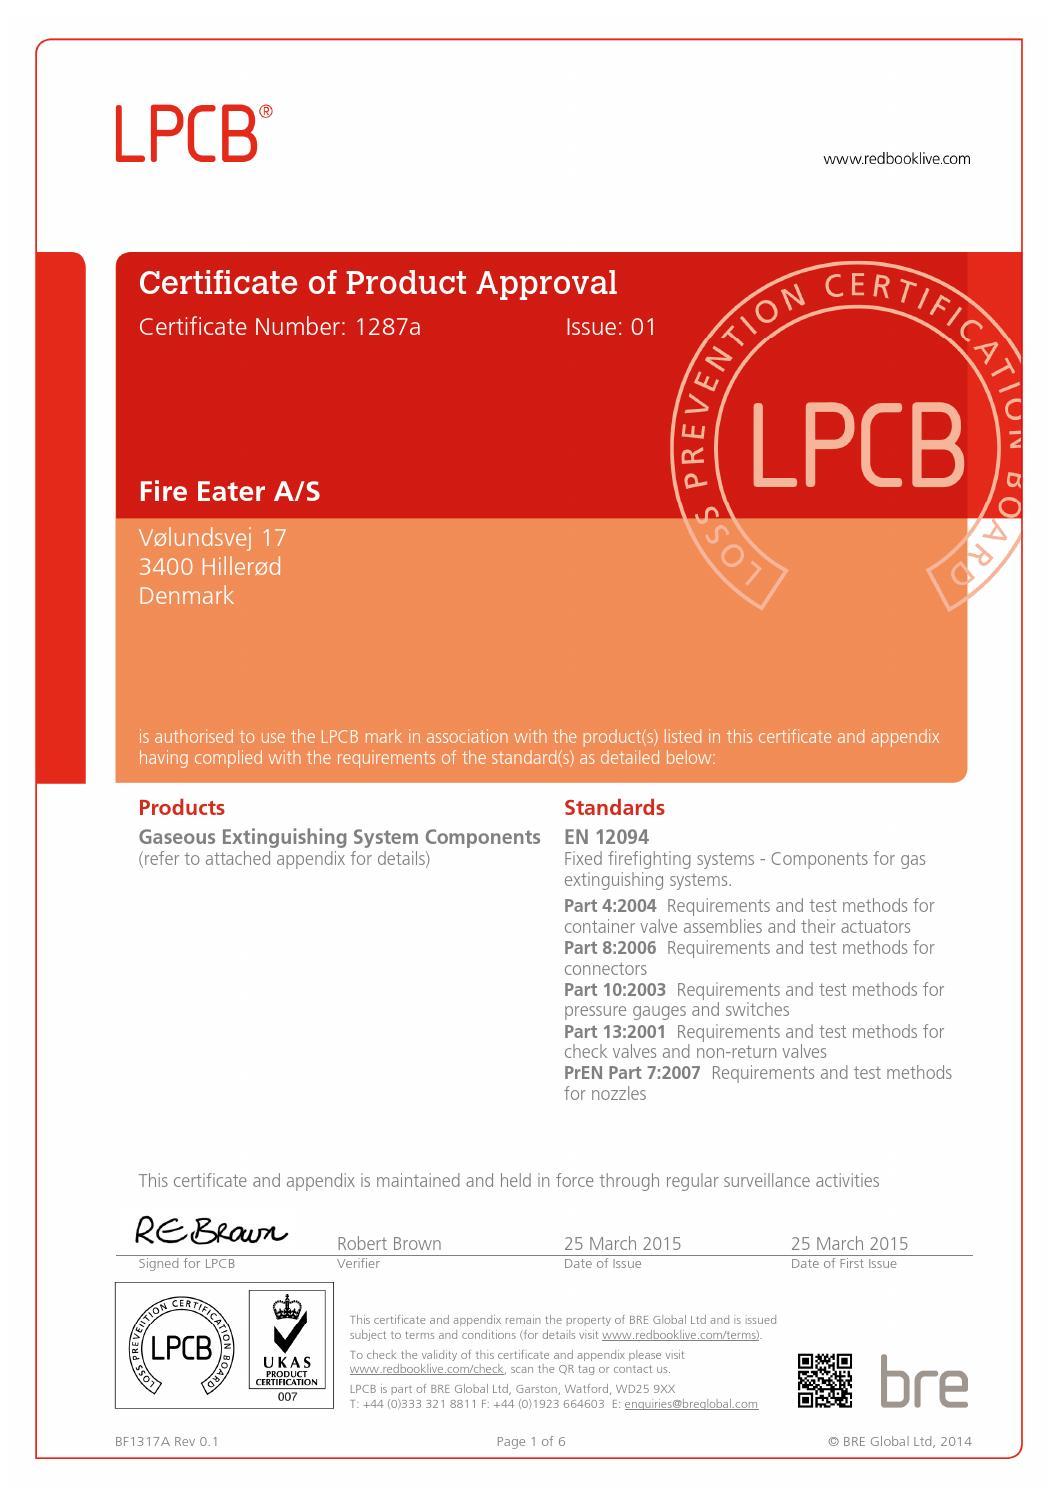 Appendix IIa: Guidance Document